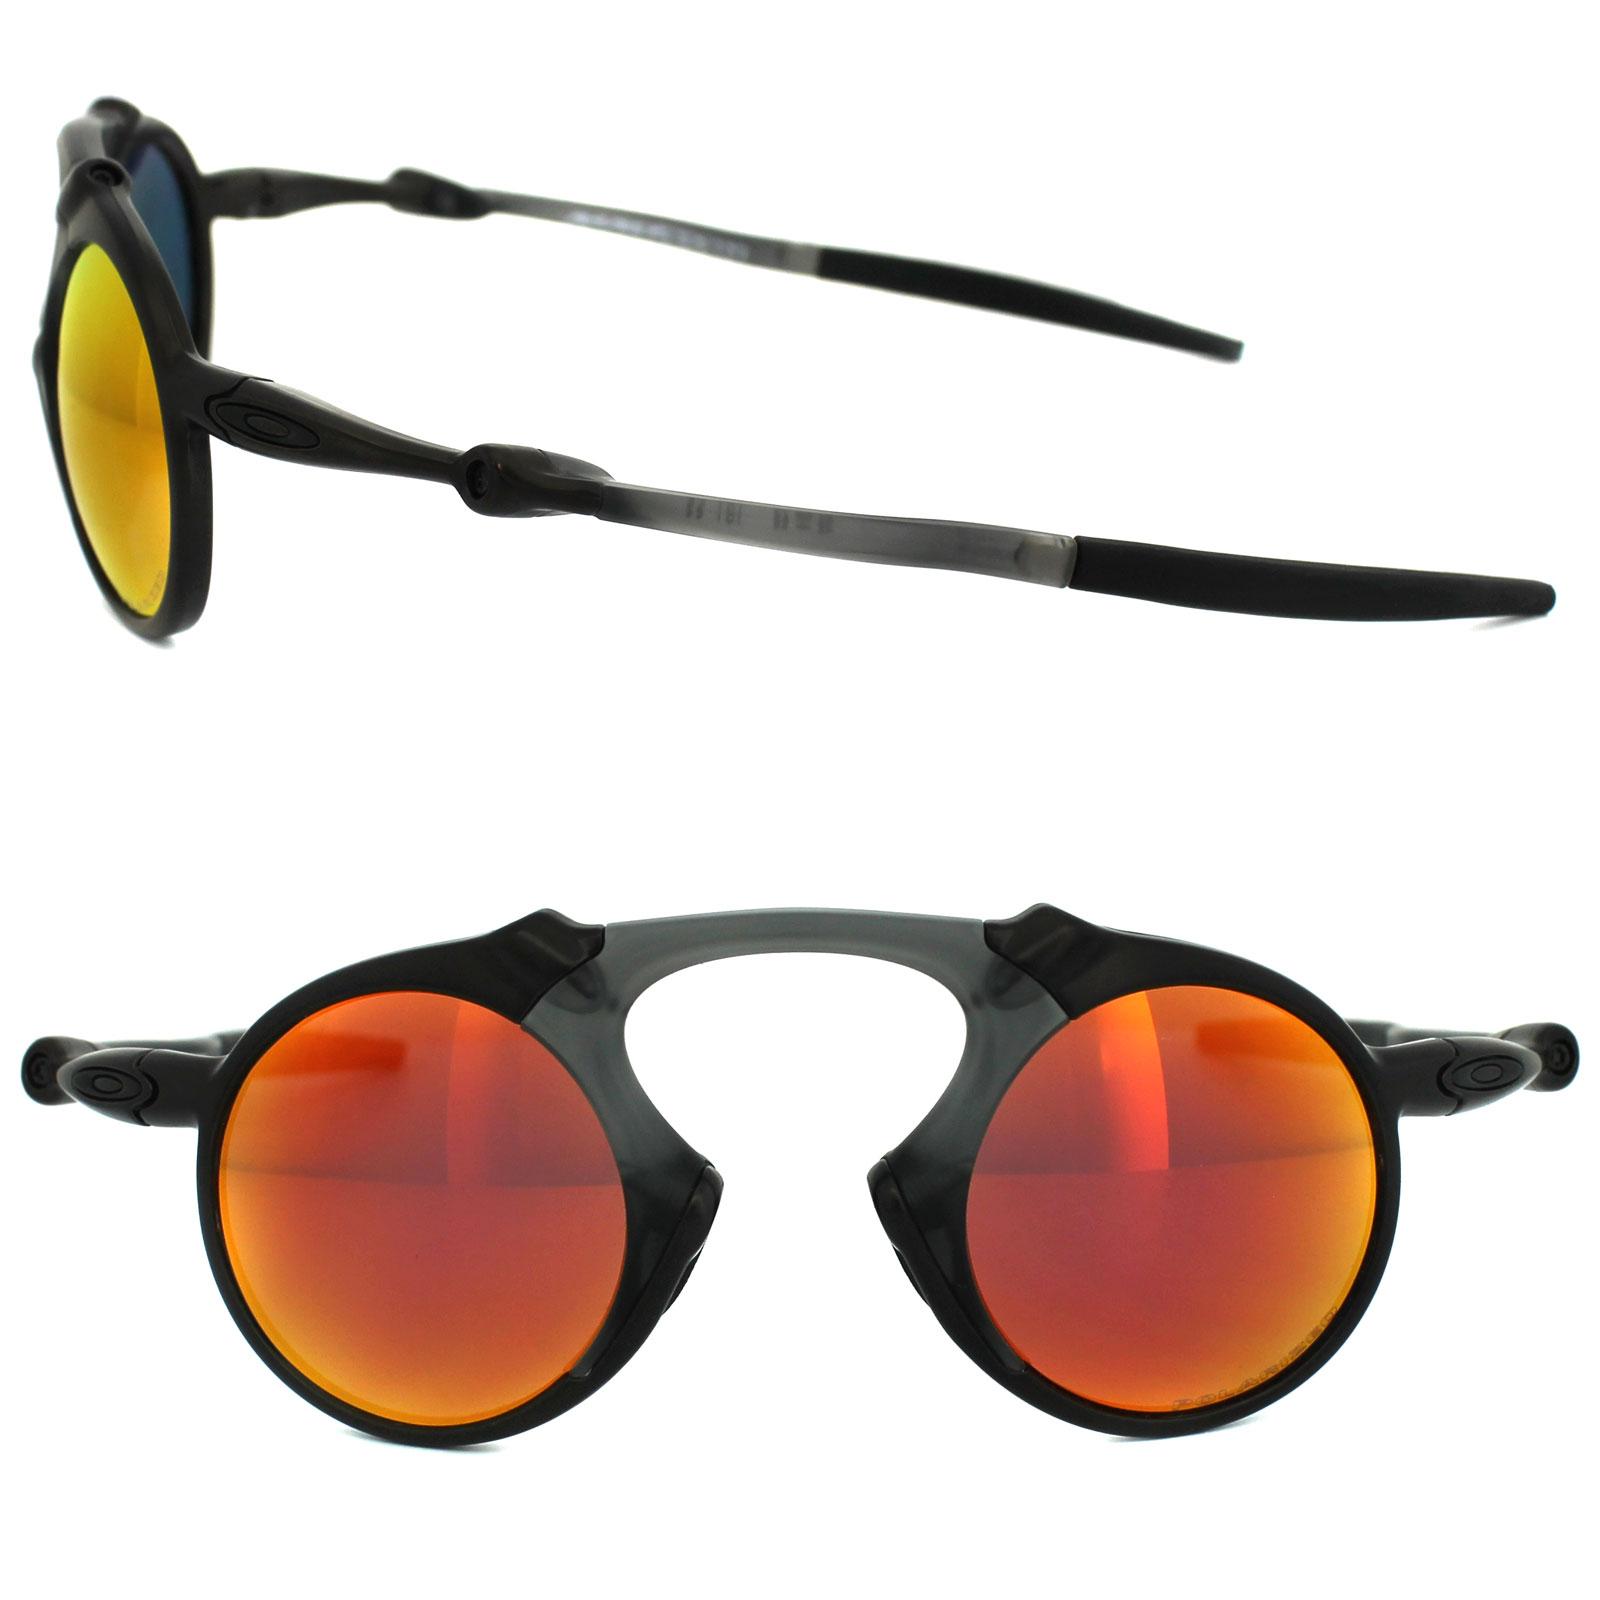 26fcc6cc741ef Sentinel Oakley Sunglasses Madman OO6019-04 Dark Carbon Ruby Iridium  Polarized